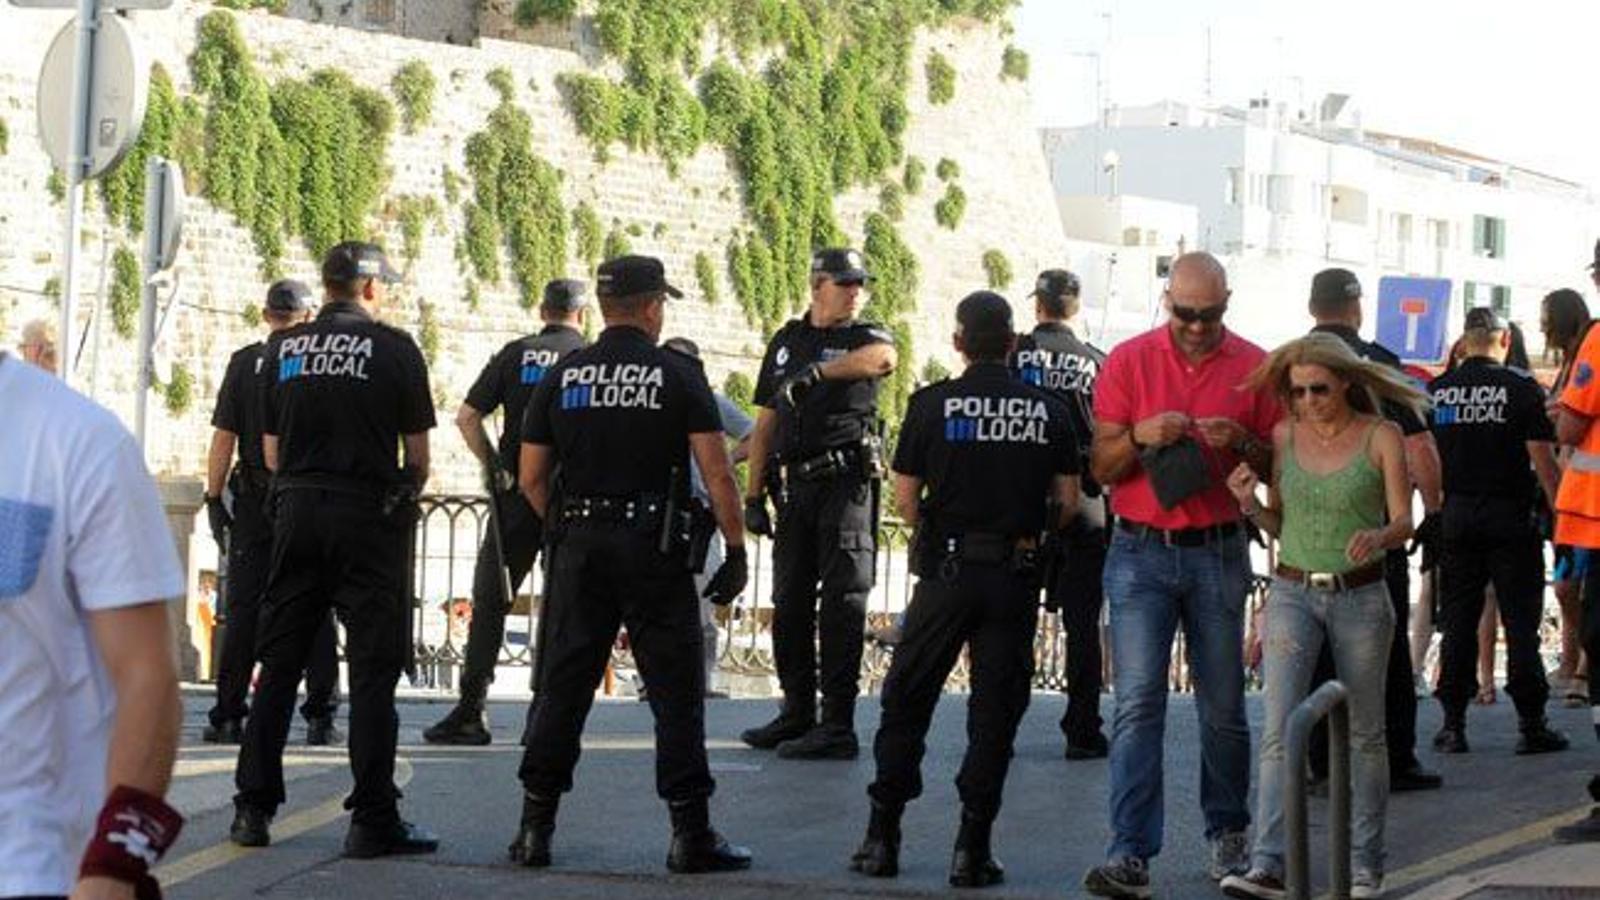 La Policia Local de Ciutadella ha mostrat la seva indignació amb les institucions i denuncien oblit.